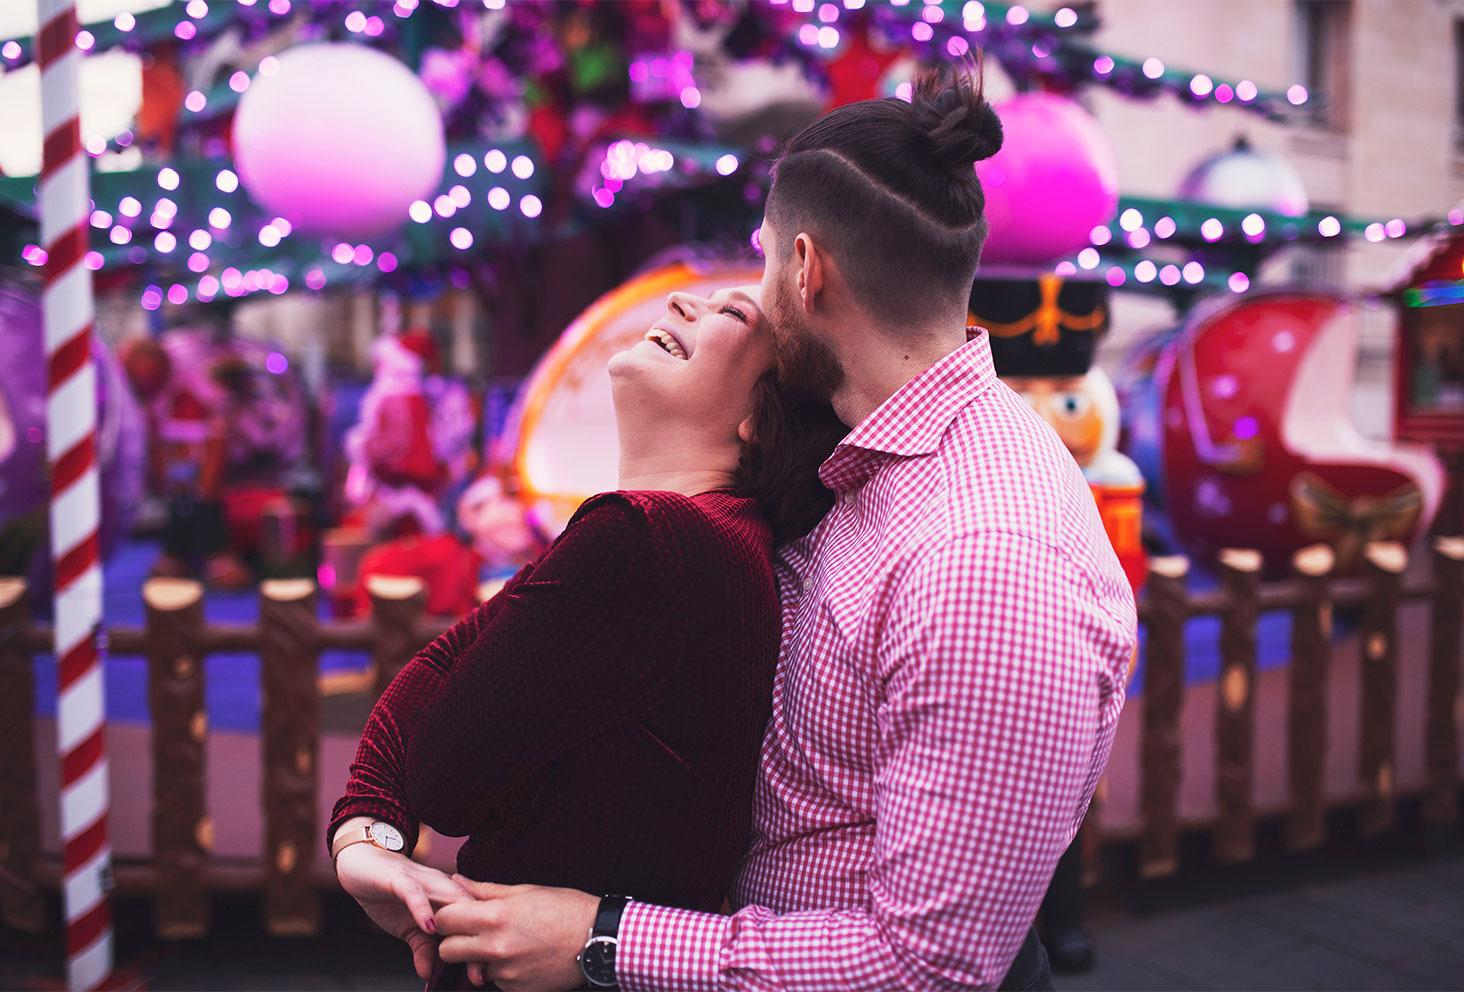 Dans les bras de mon amoureux avec le sourire pour fêter les 4 ans de blog au milieu des illuminations du marché de Noël de Tours